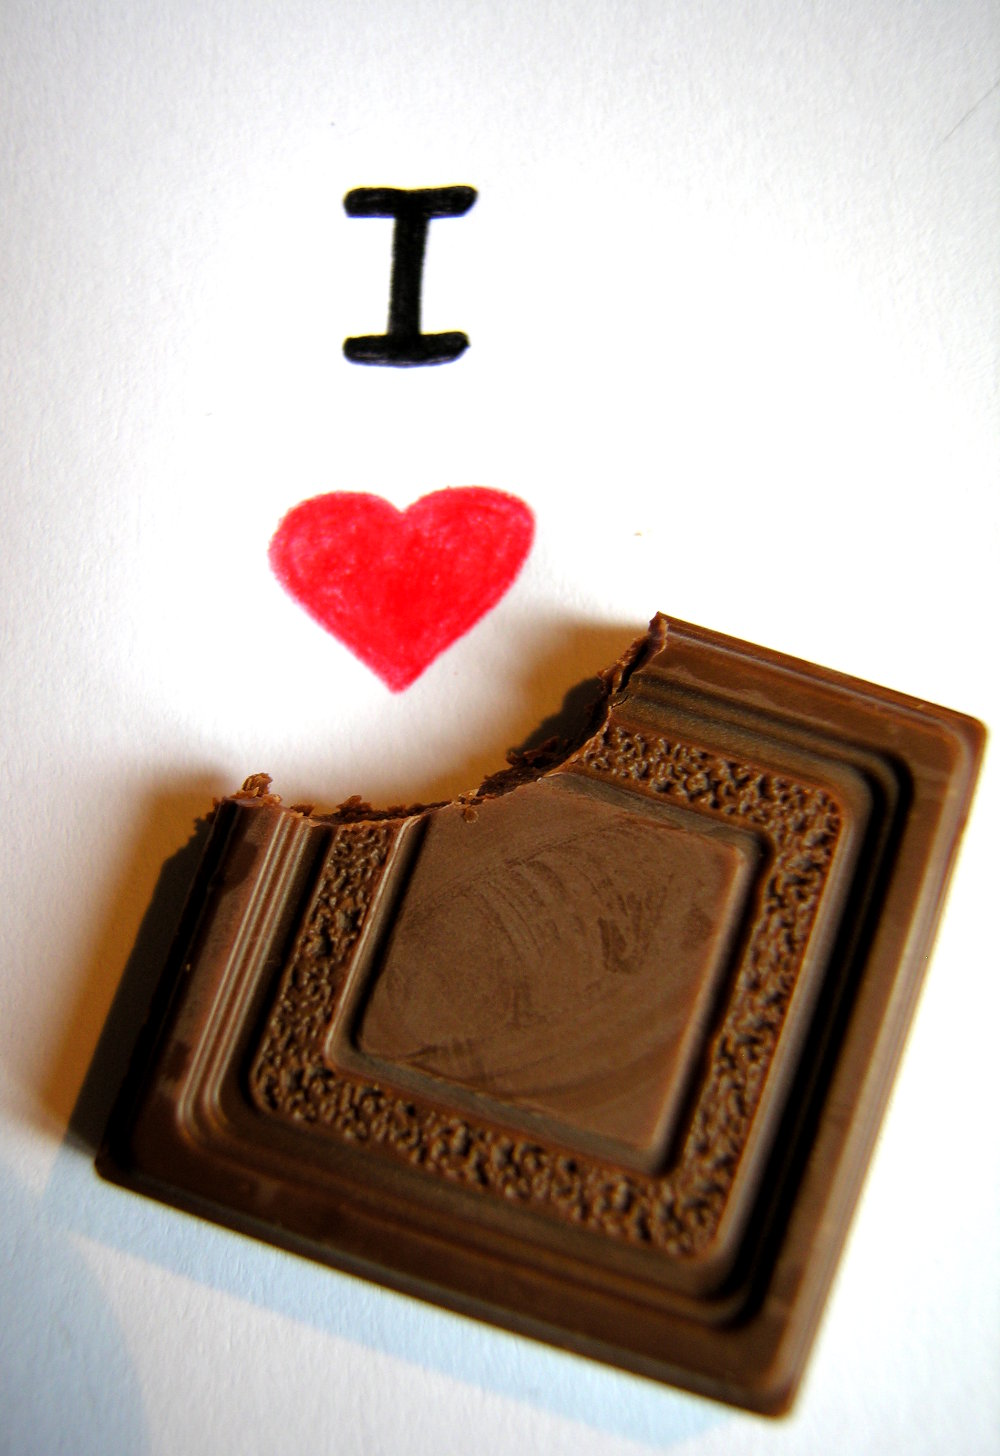 Burcunuza göre çikolata tavsiyeleri